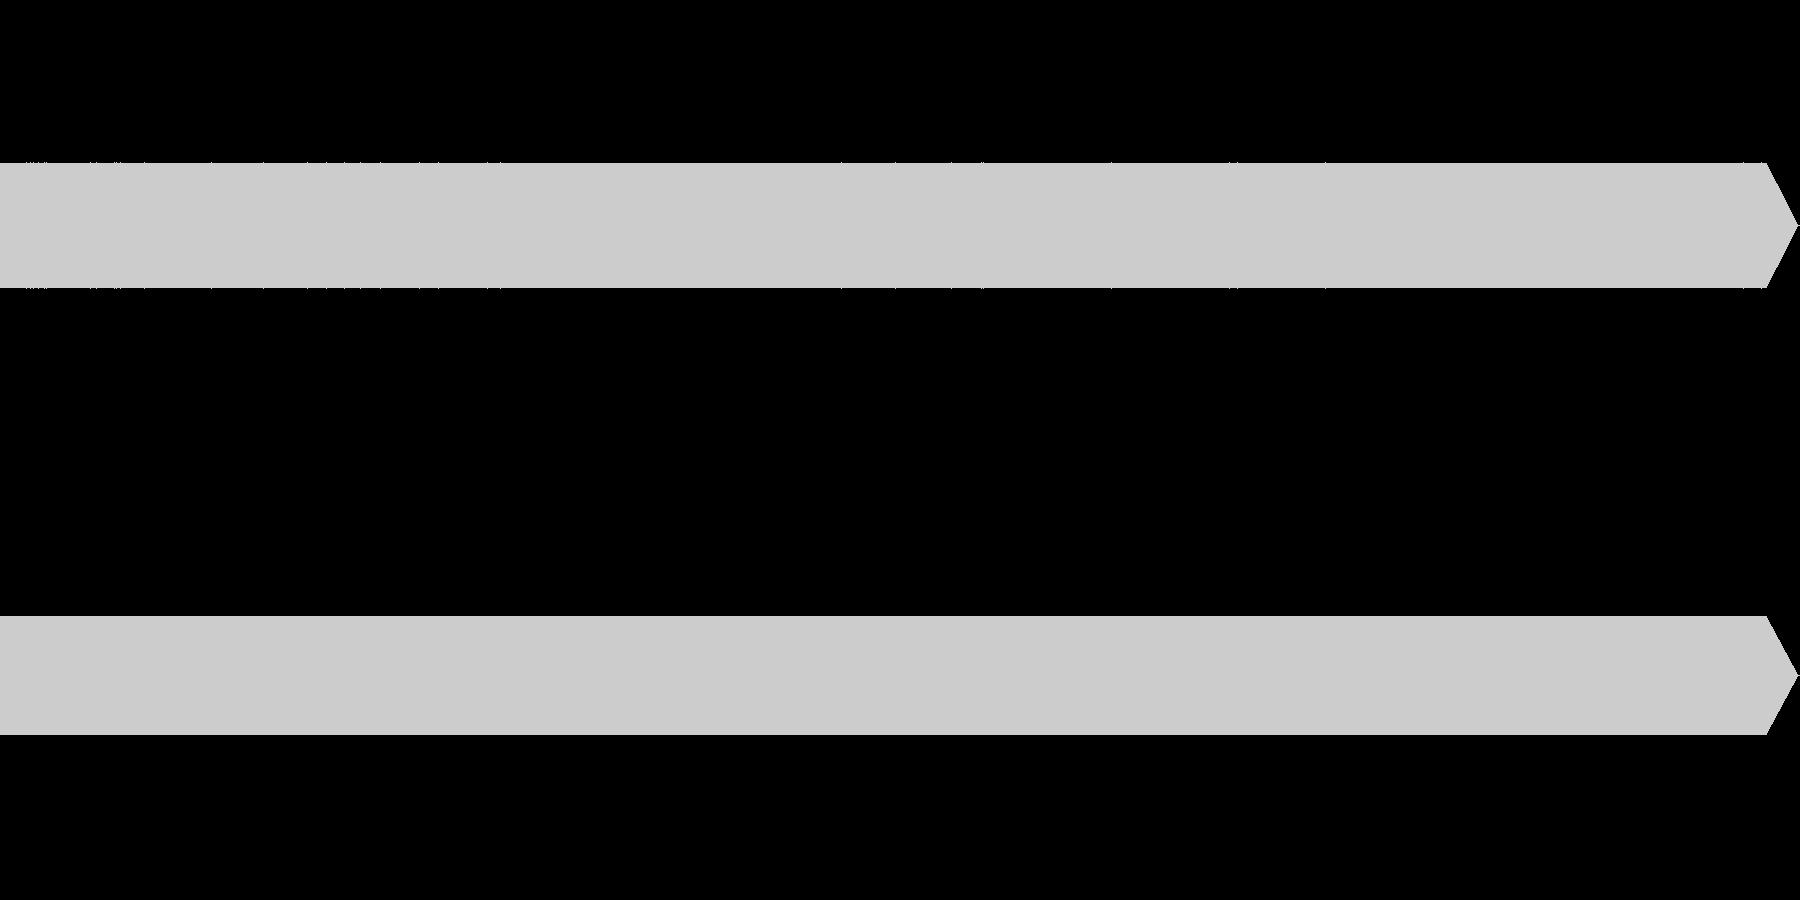 ソルフェジオ周波数714Hzの未再生の波形